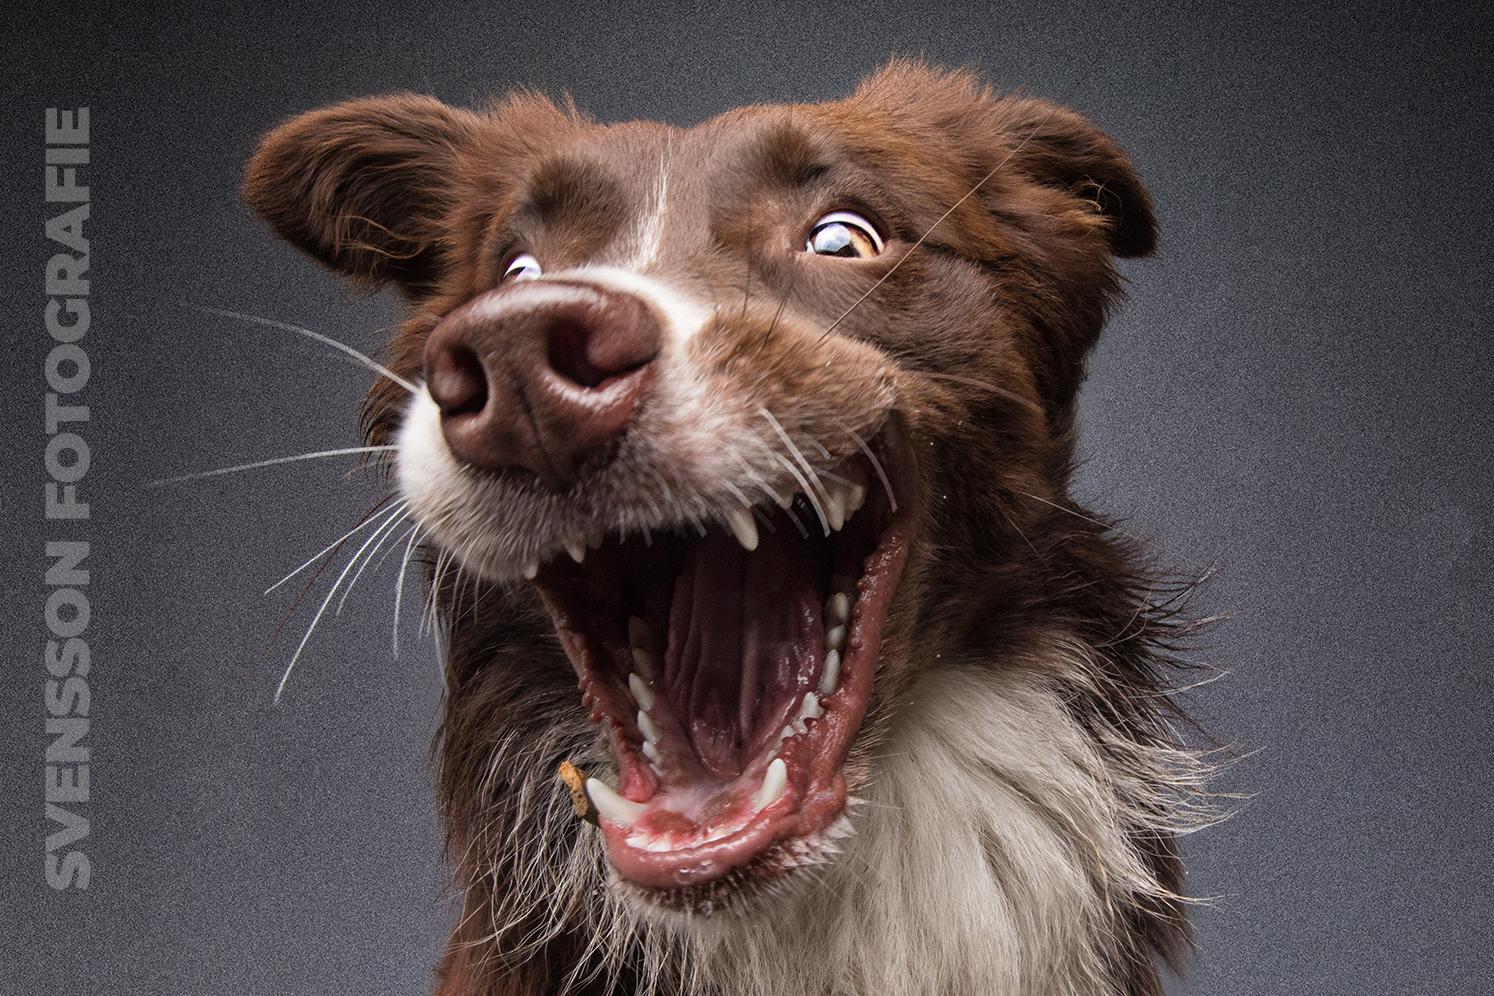 Hunde schnappen Hundefutter und Leckerchen